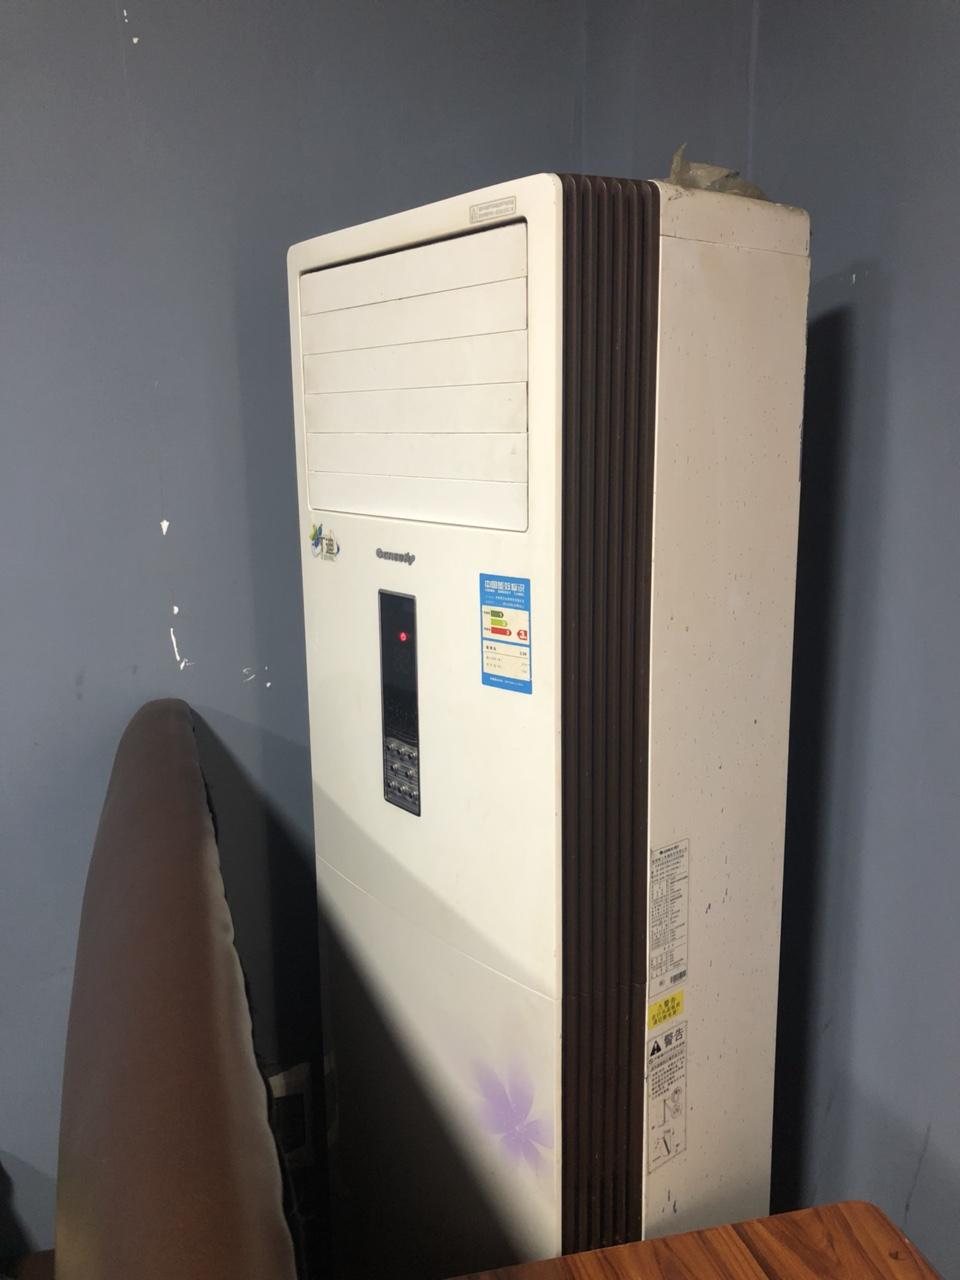 格力坐式空调,价格可面议,一共有两台